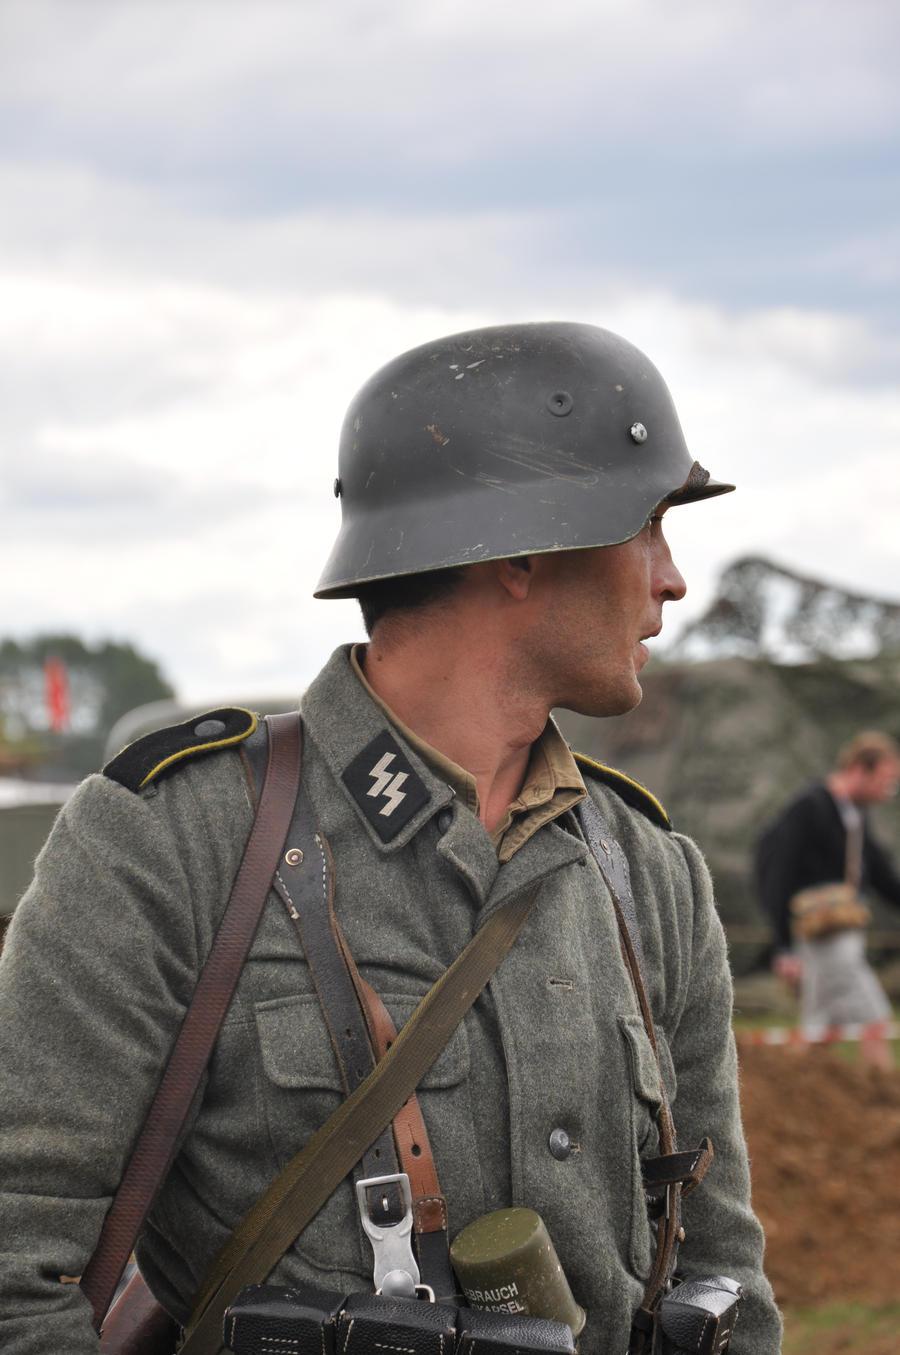 German soldier WWII by ningun0 on DeviantArt